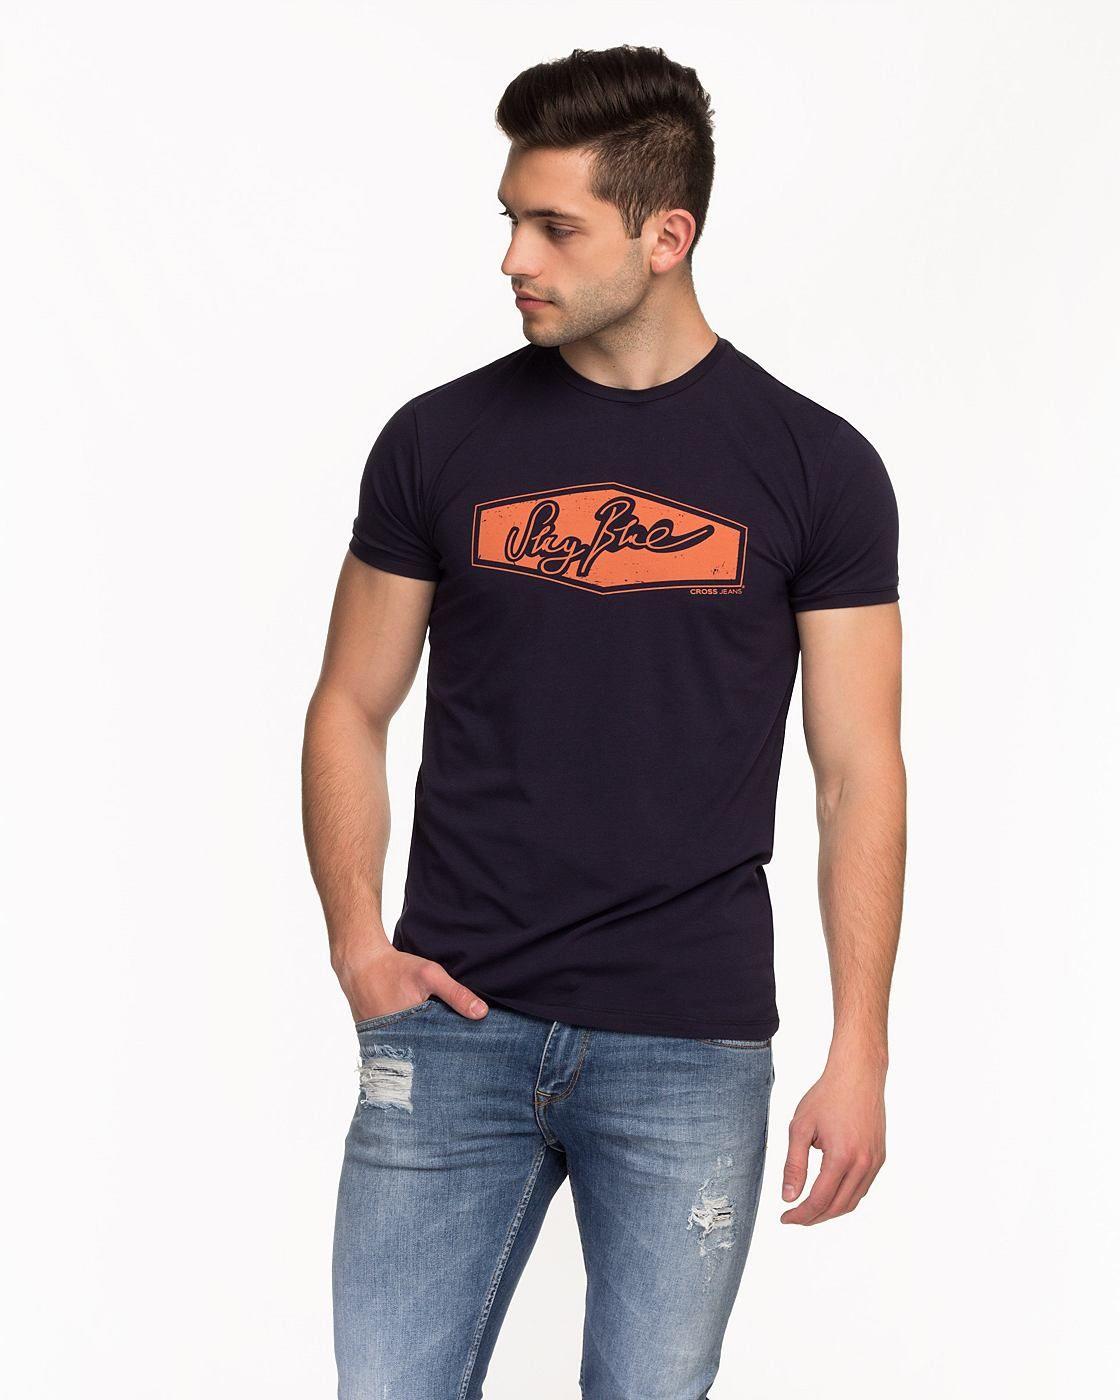 """V-Neck T-Shirt von CROSS Jeans aus der Heritage-Kollektion. Der tiefe V- Ausschnitt mit offenen Kanten und der Frontprint """" Original Demim """" machen dieses Shirt perfekt für den Vintage Look. Material navy: 92% Baumwolle, 8% Elasthan..."""